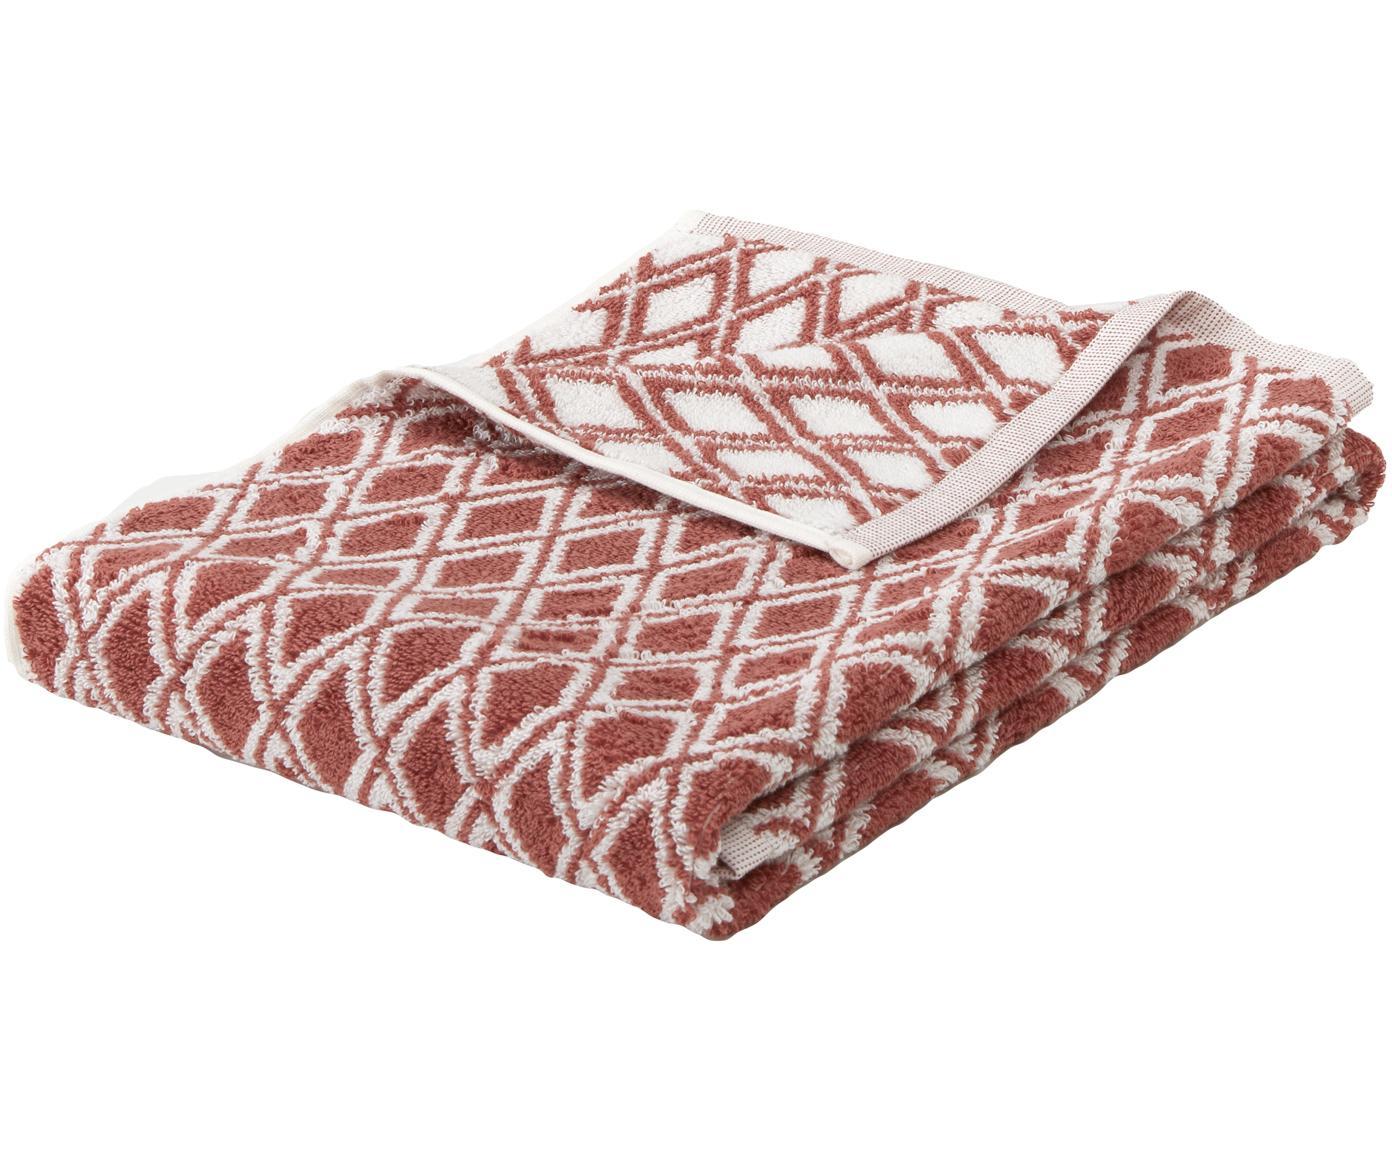 Asciugamano reversibile con motivo grafico Ava, Terracotta, bianco crema, Asciugamano